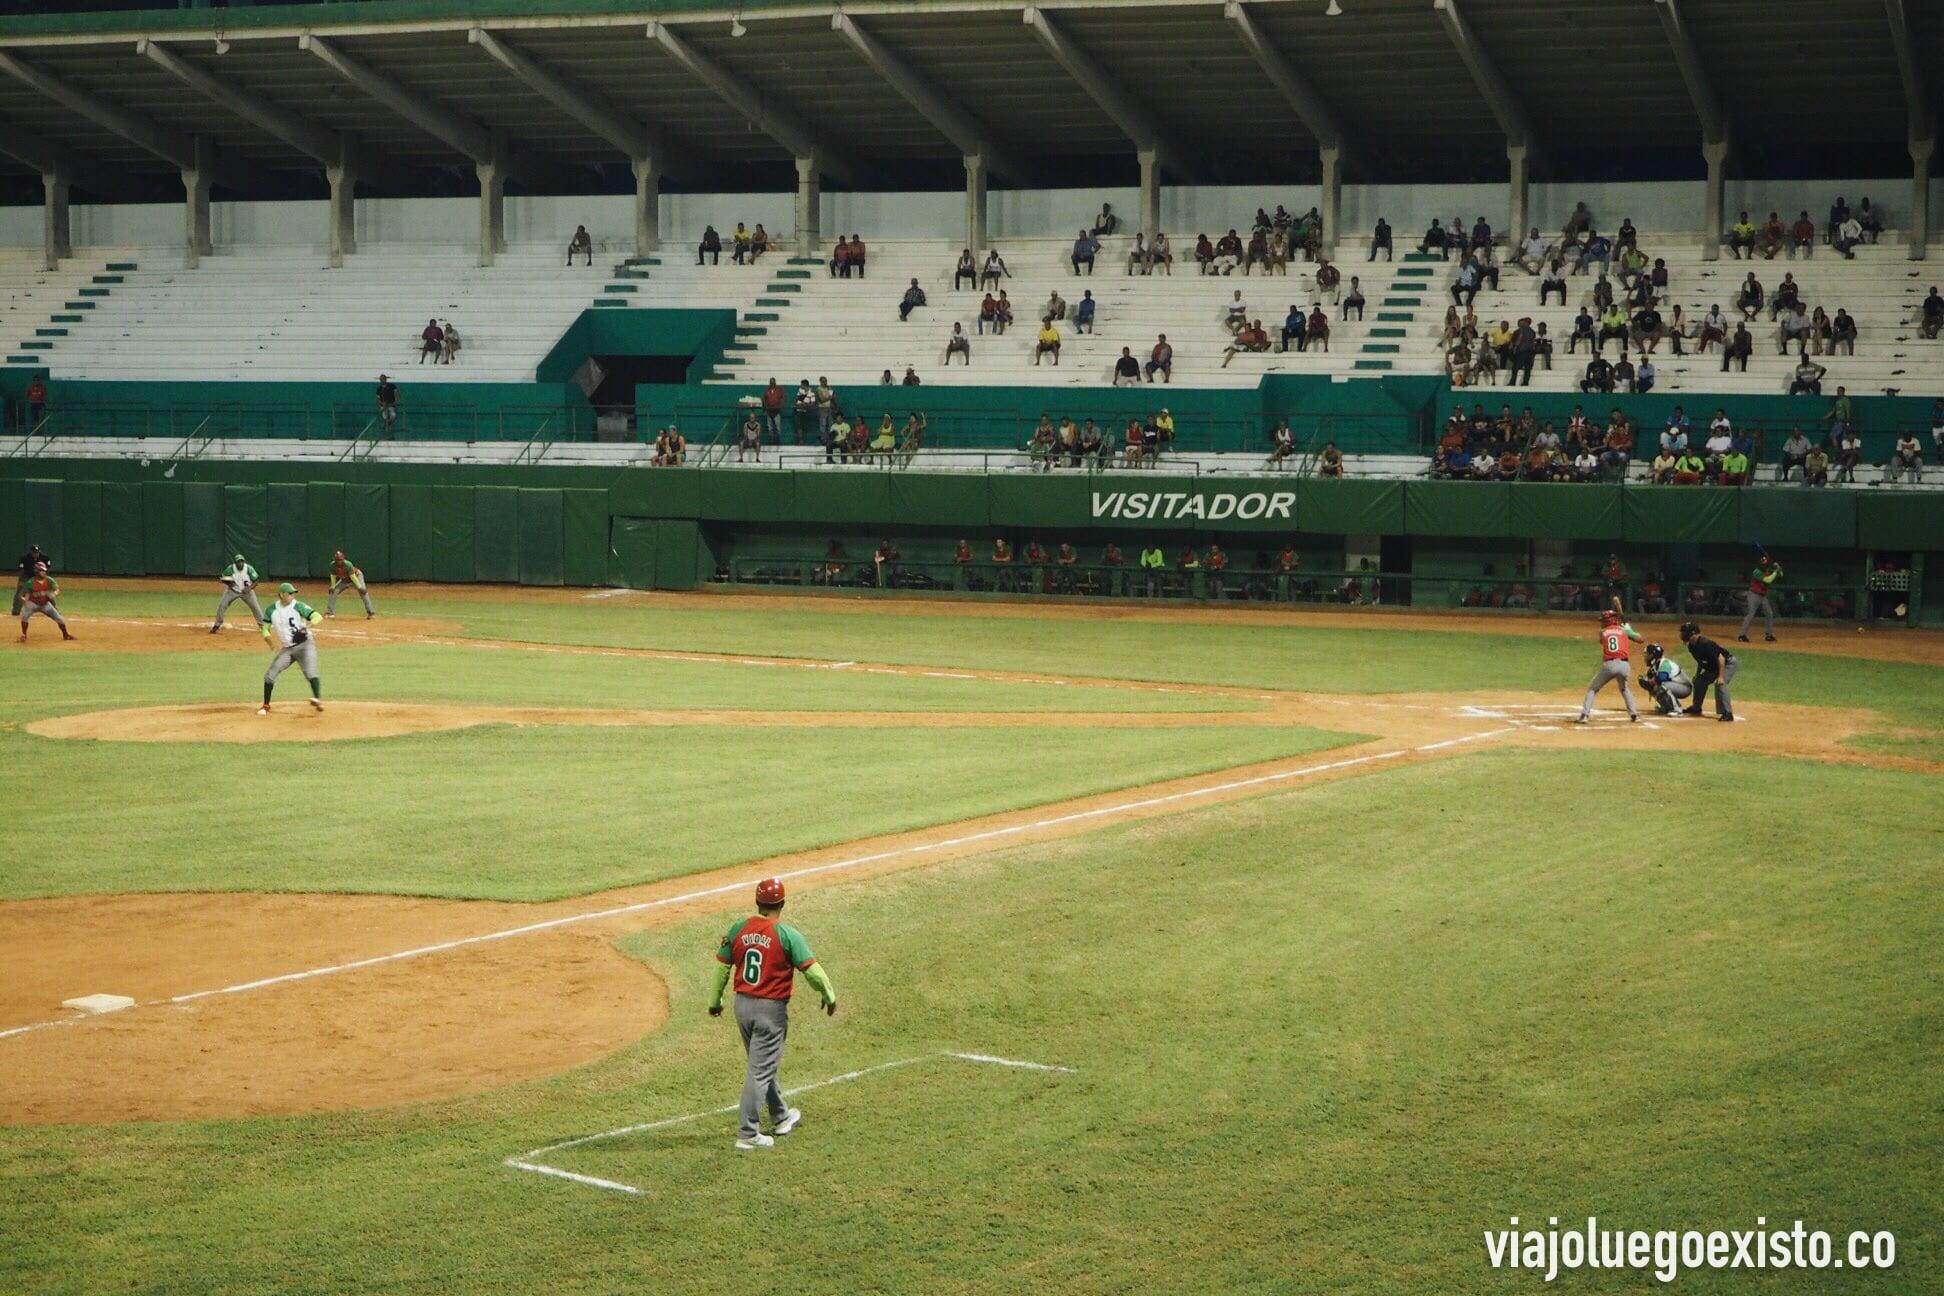 Partido de béisbol de la liga nacional, nos lo pasamos genial apoyando a Los Elefantes.